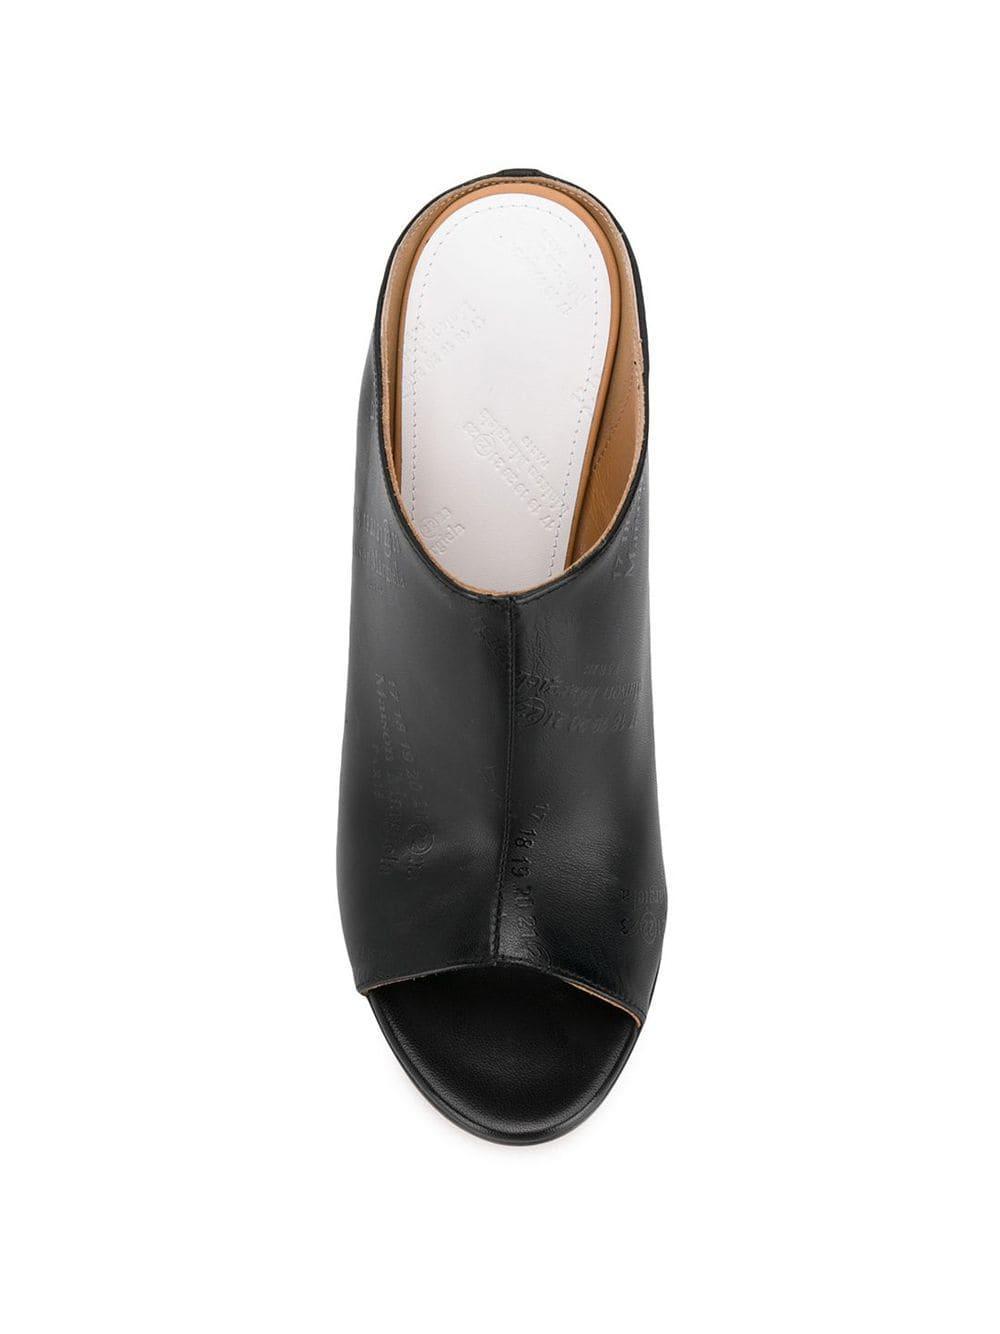 Mules con tacón alto curvado Maison Margiela de Cuero de color Negro